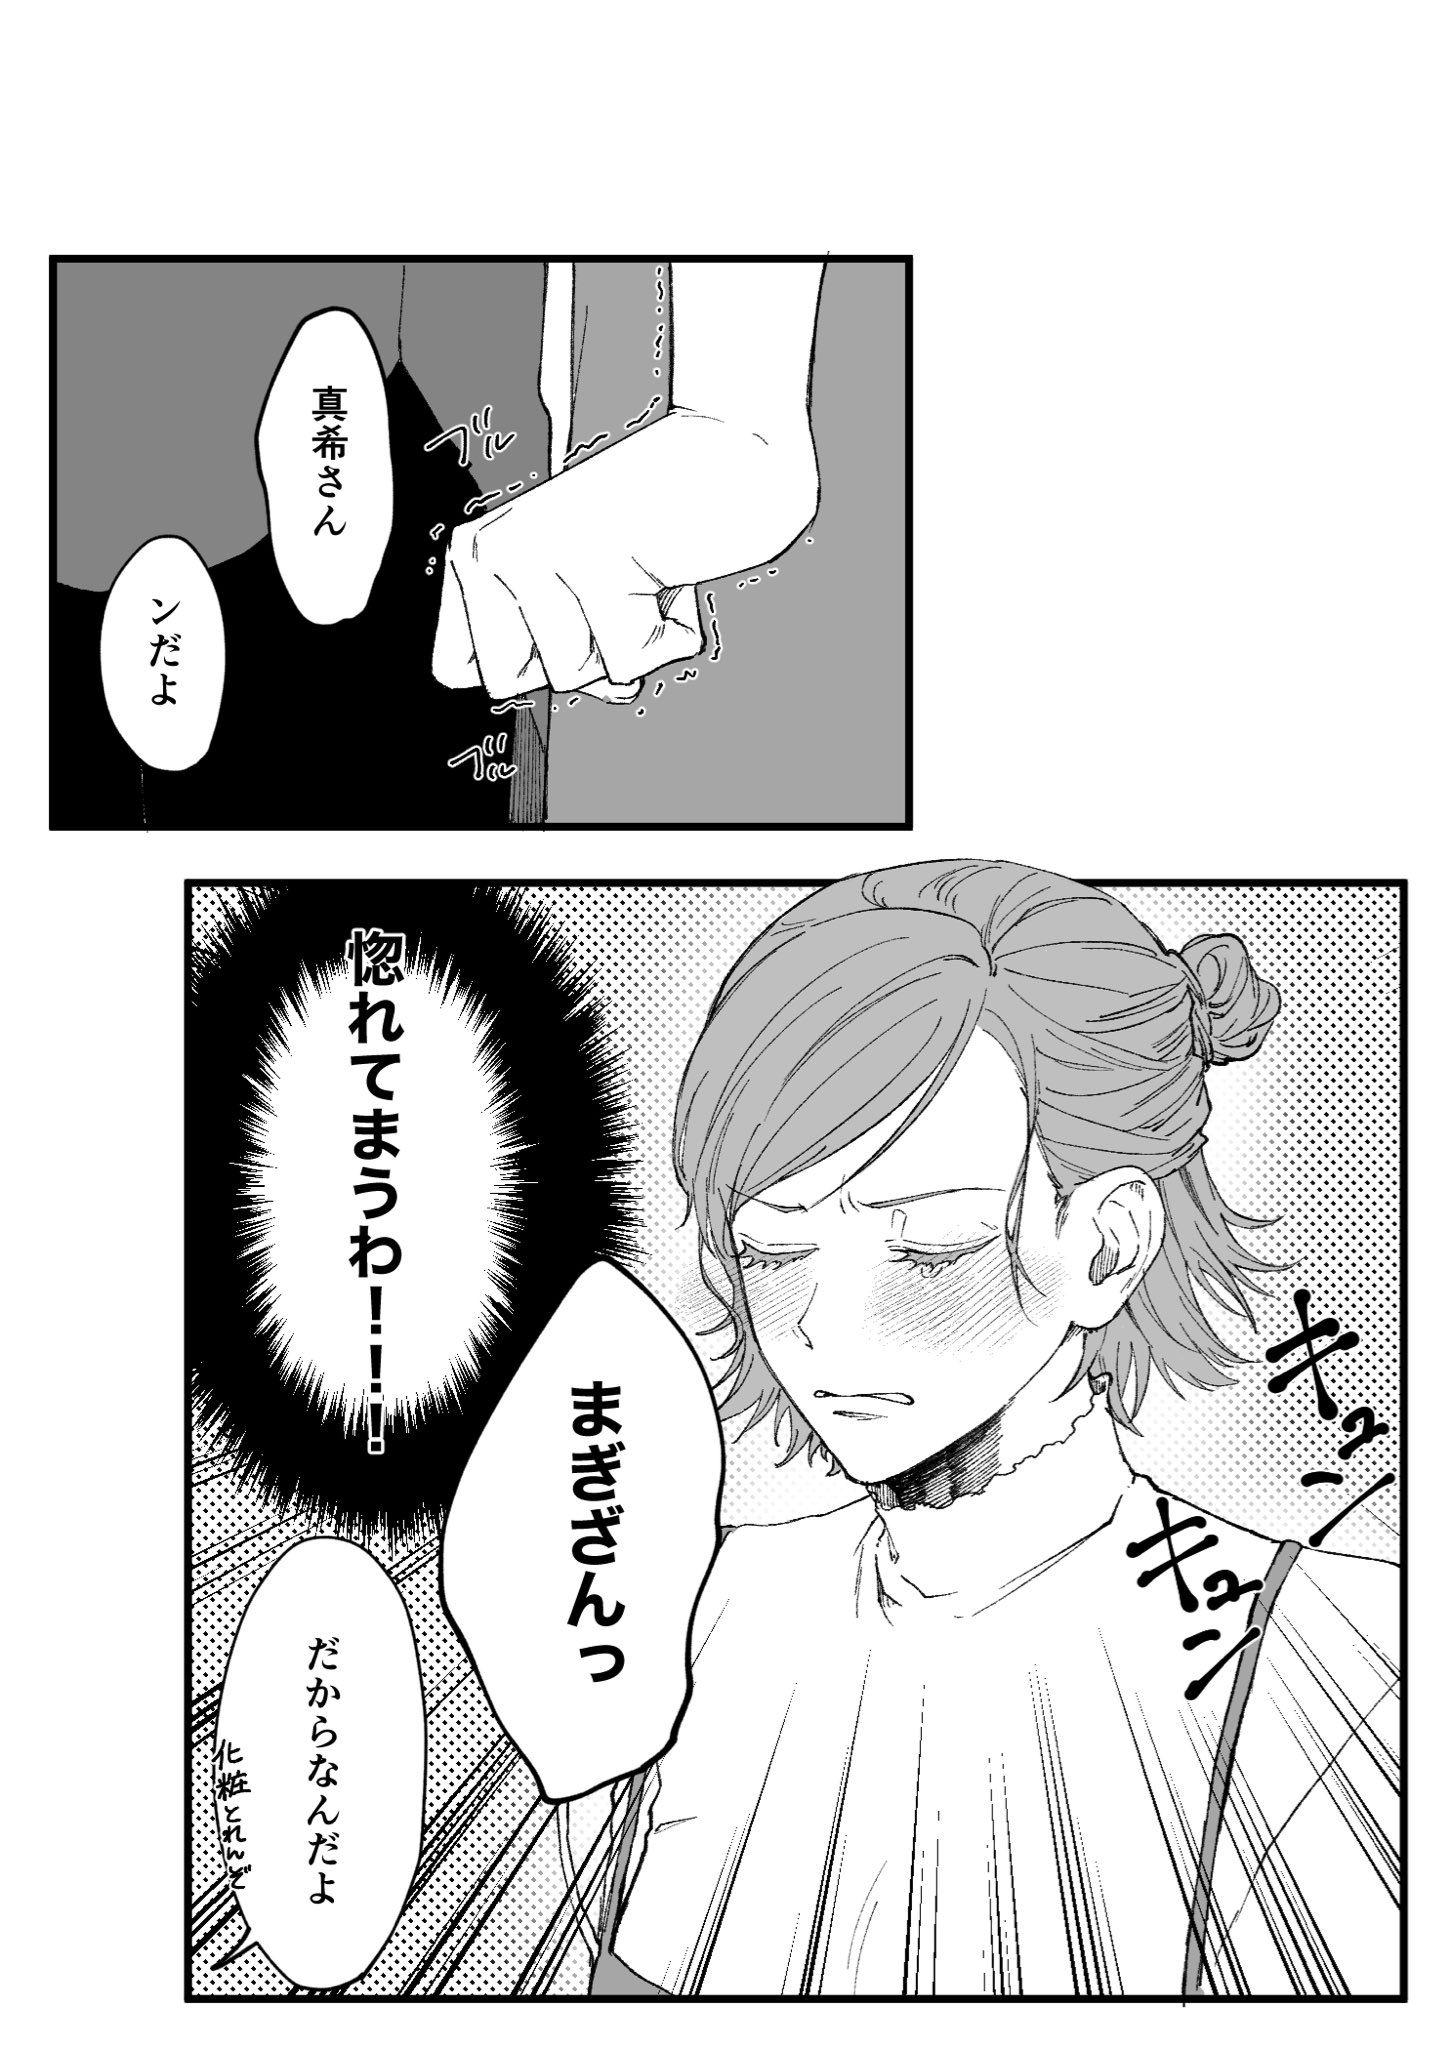 伊燈えん on Twitter